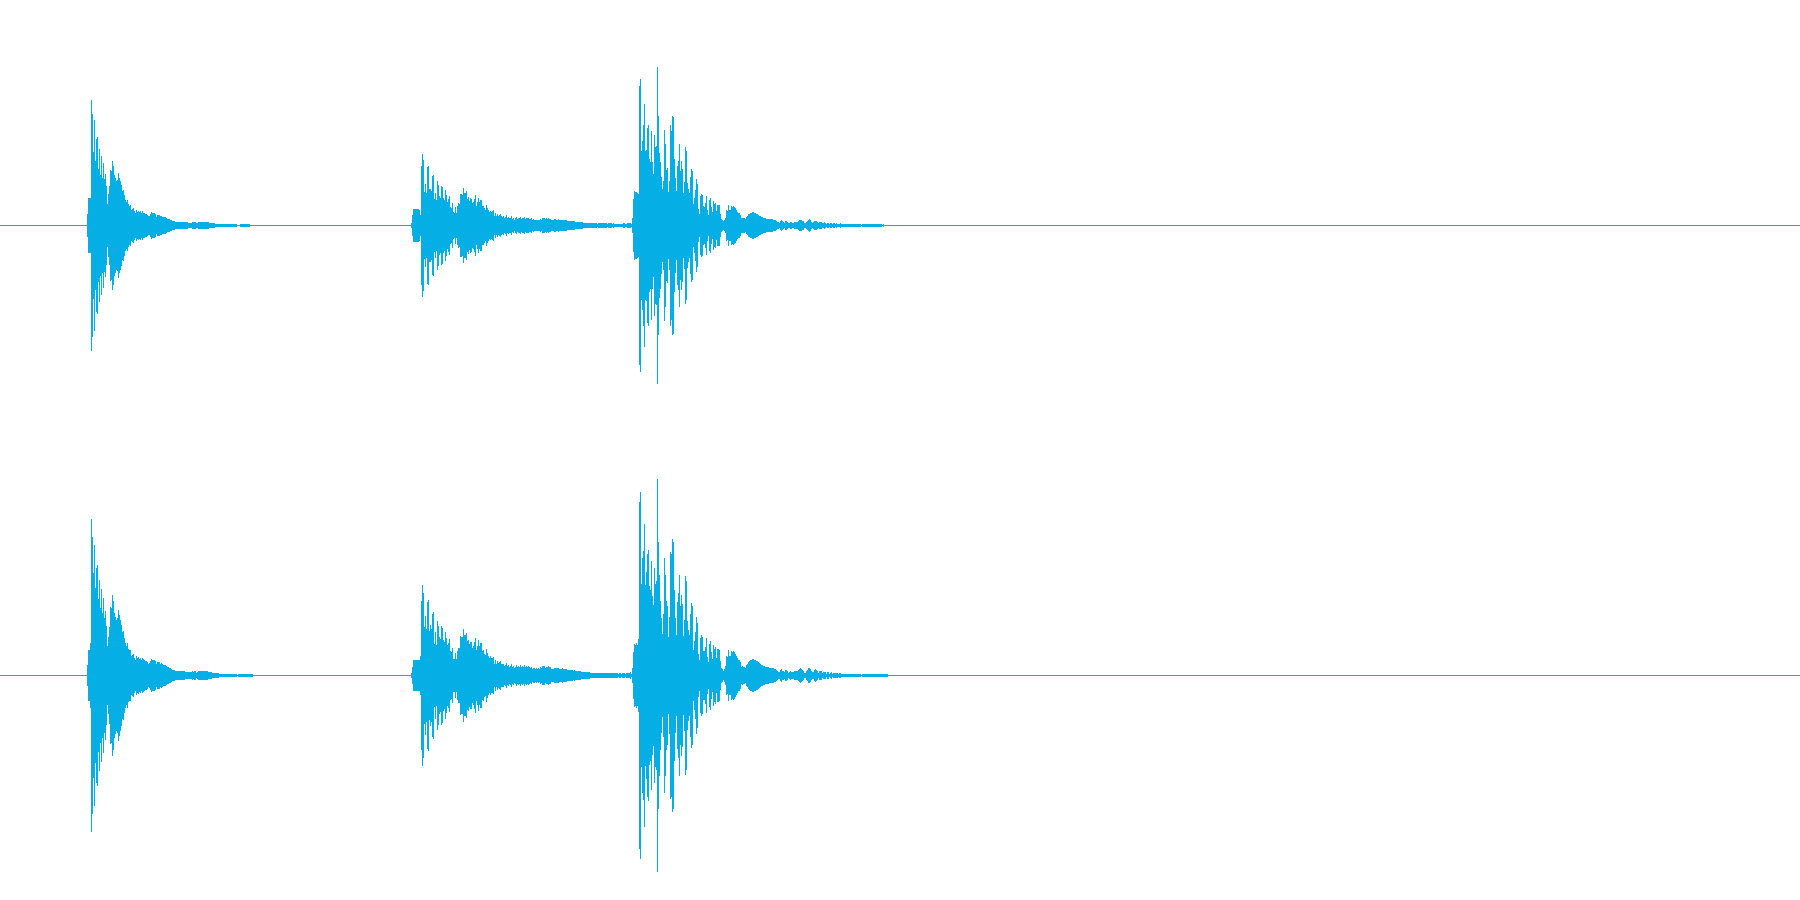 アニメ アクション ボタン ピコの再生済みの波形